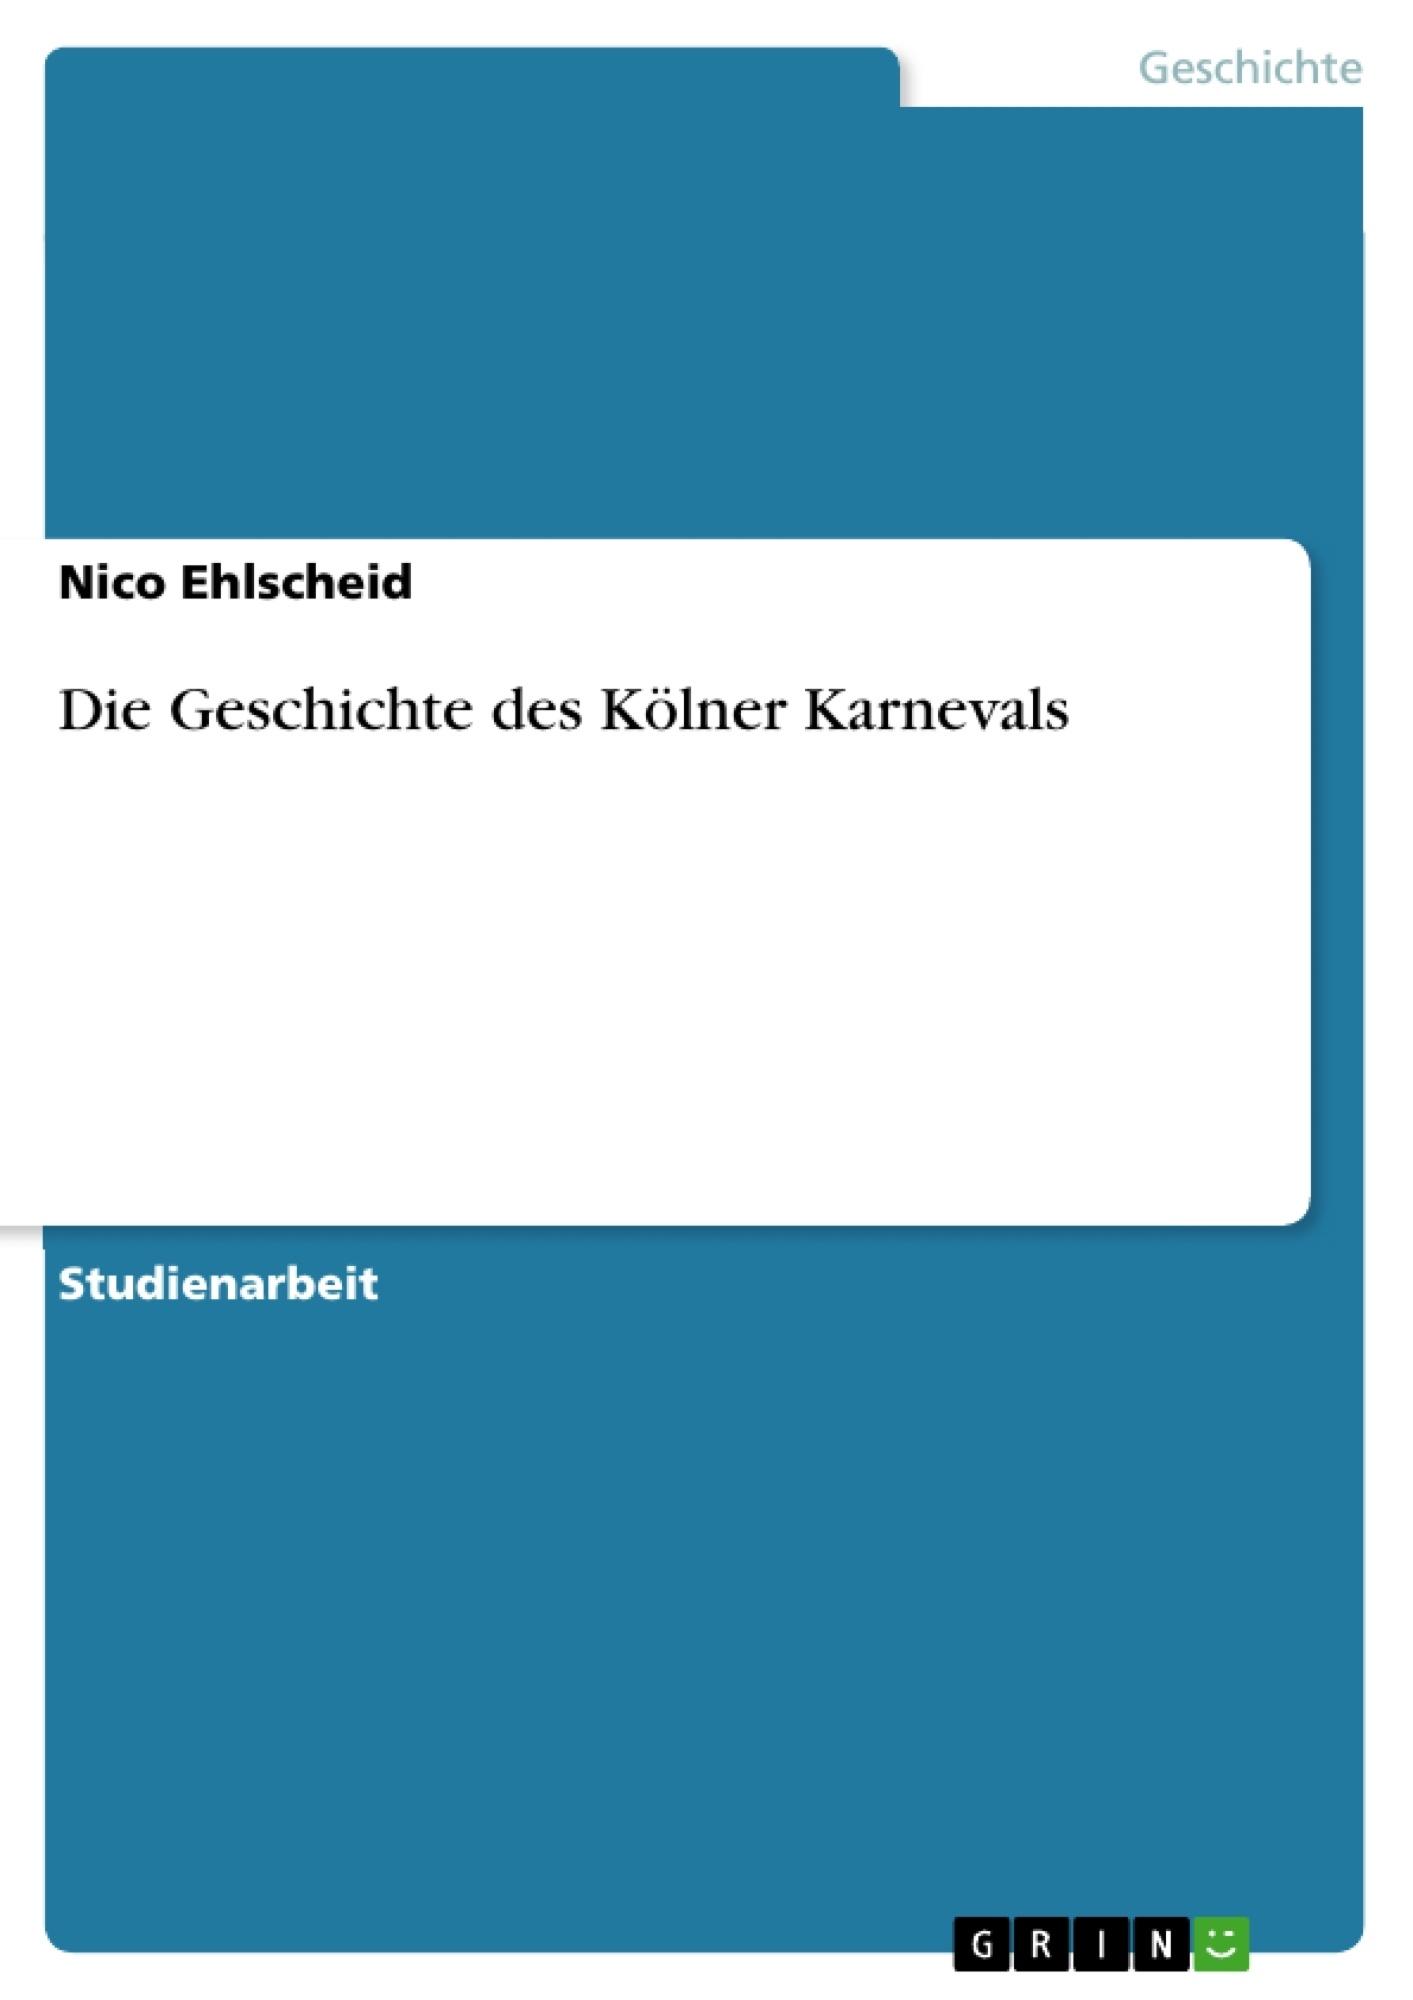 Titel: Die Geschichte des Kölner Karnevals